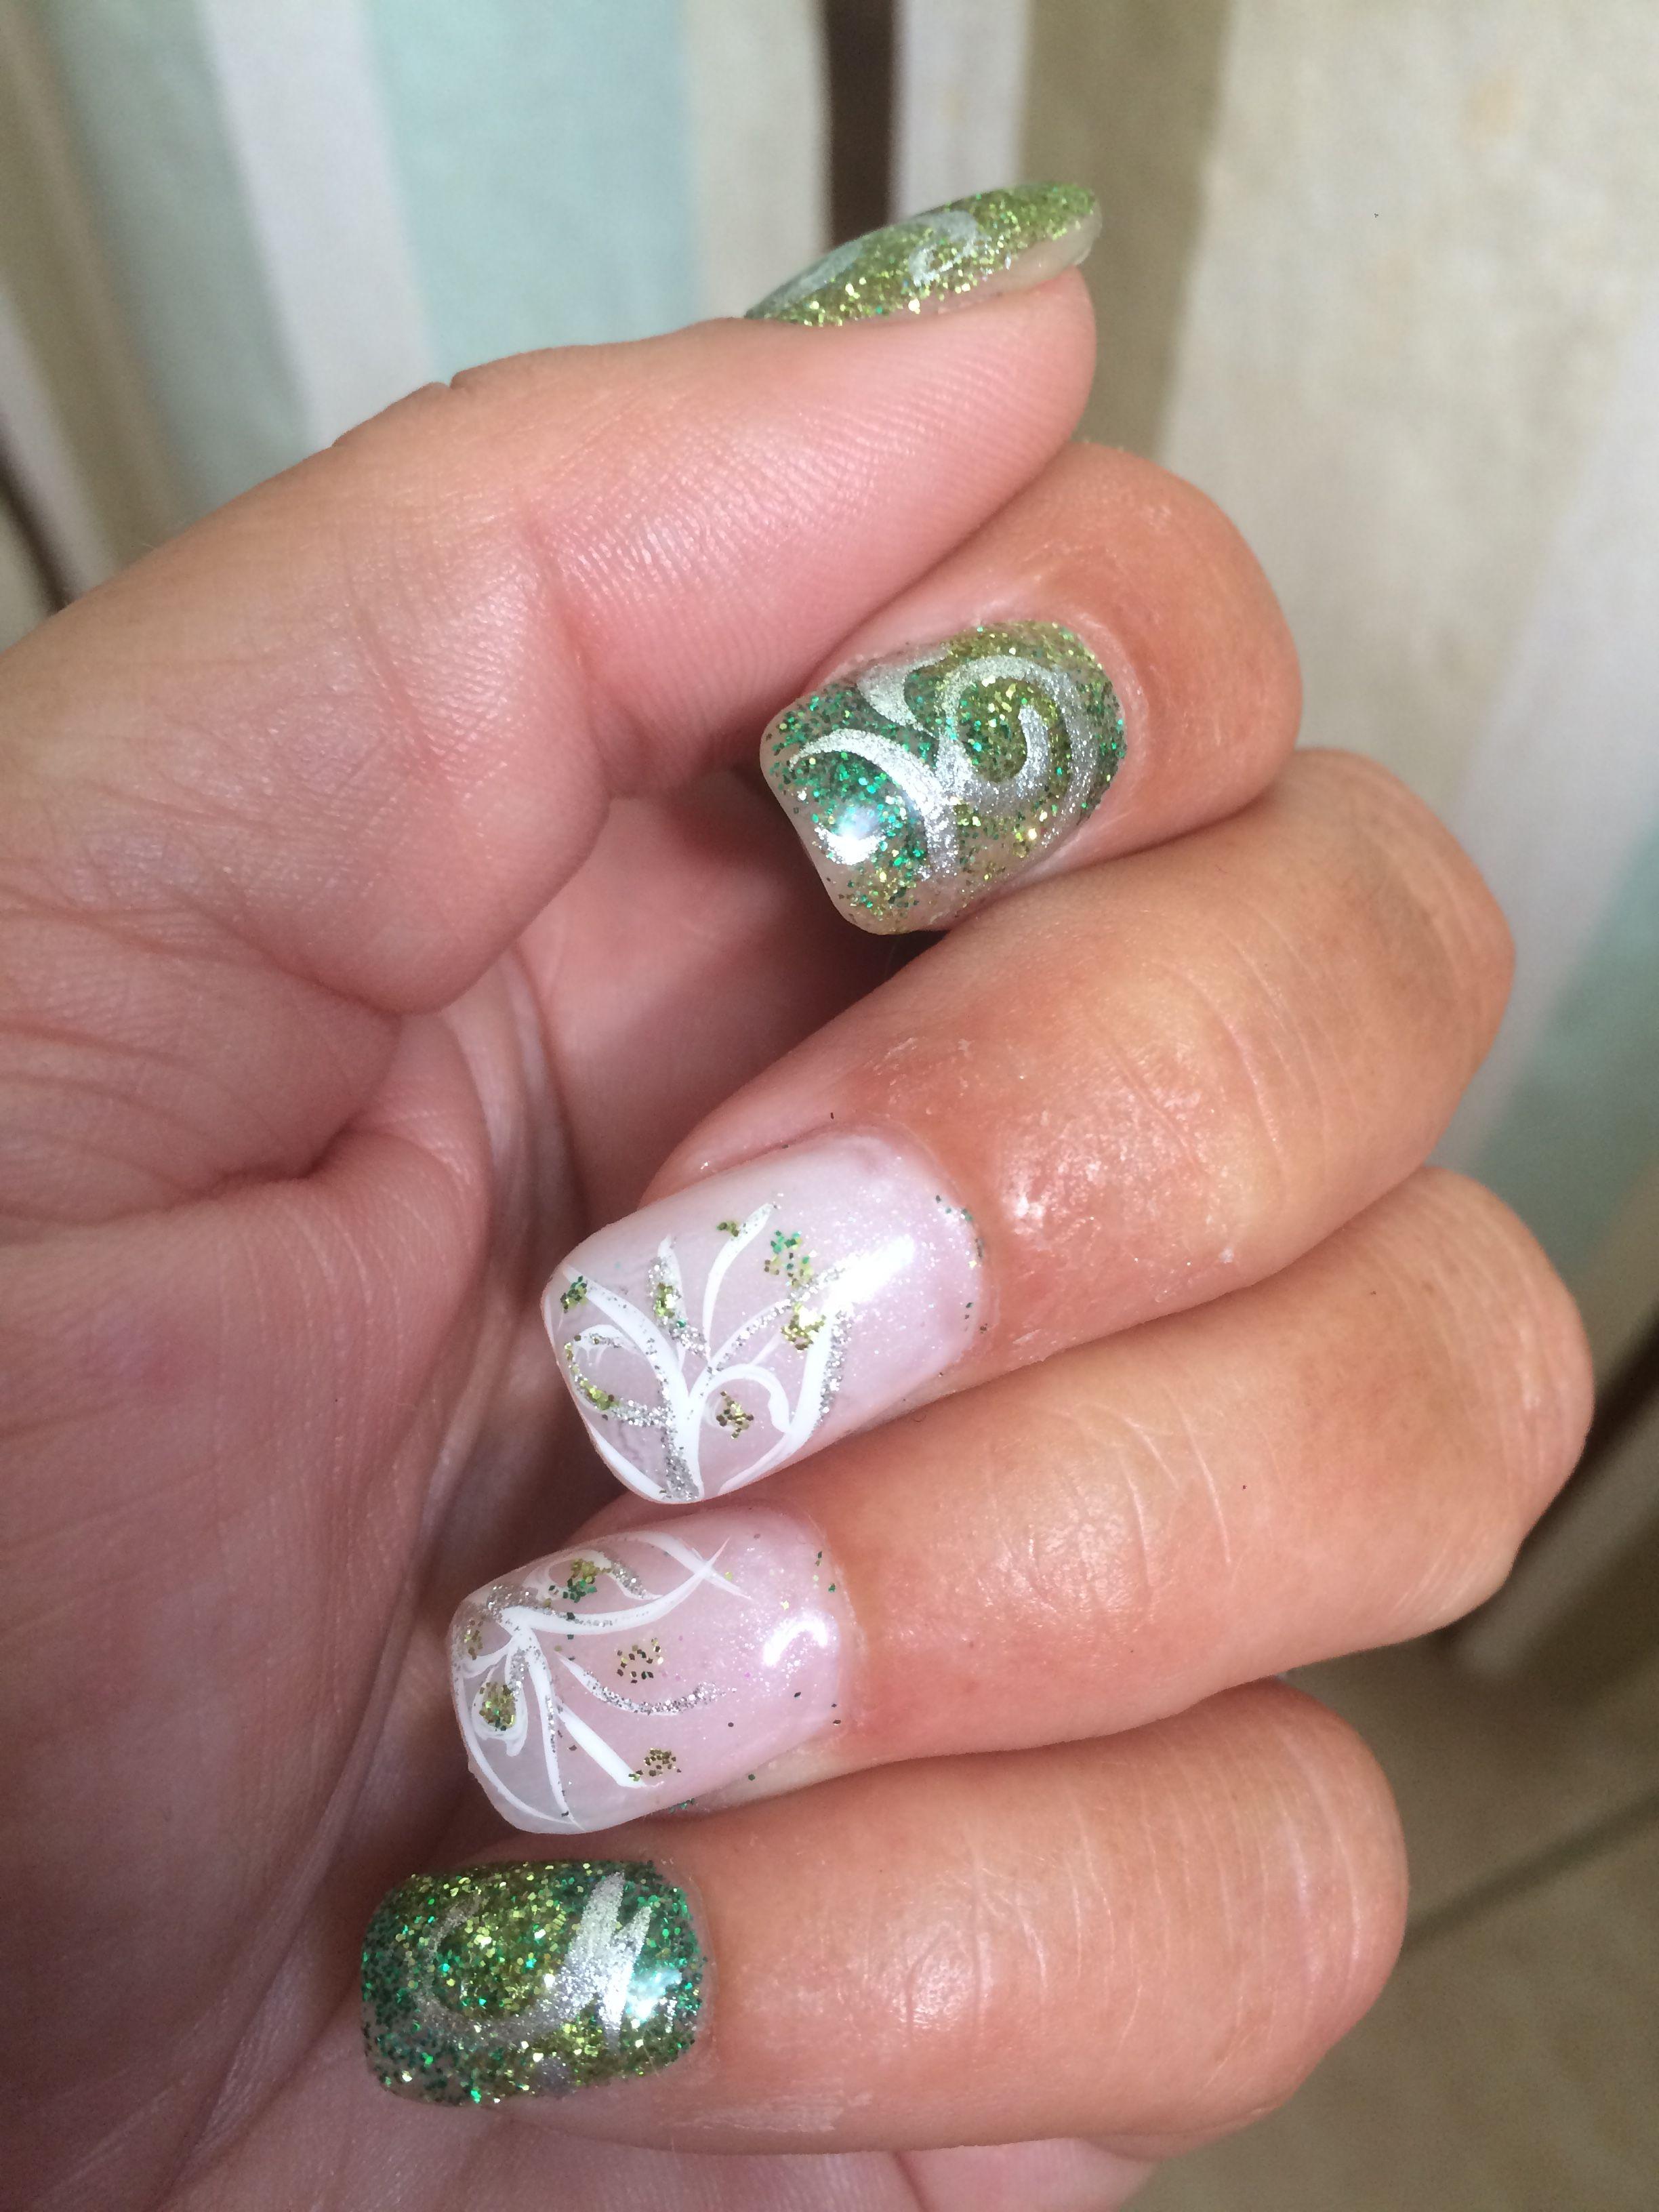 tinkerbell #disney #nails | Nail art | Pinterest